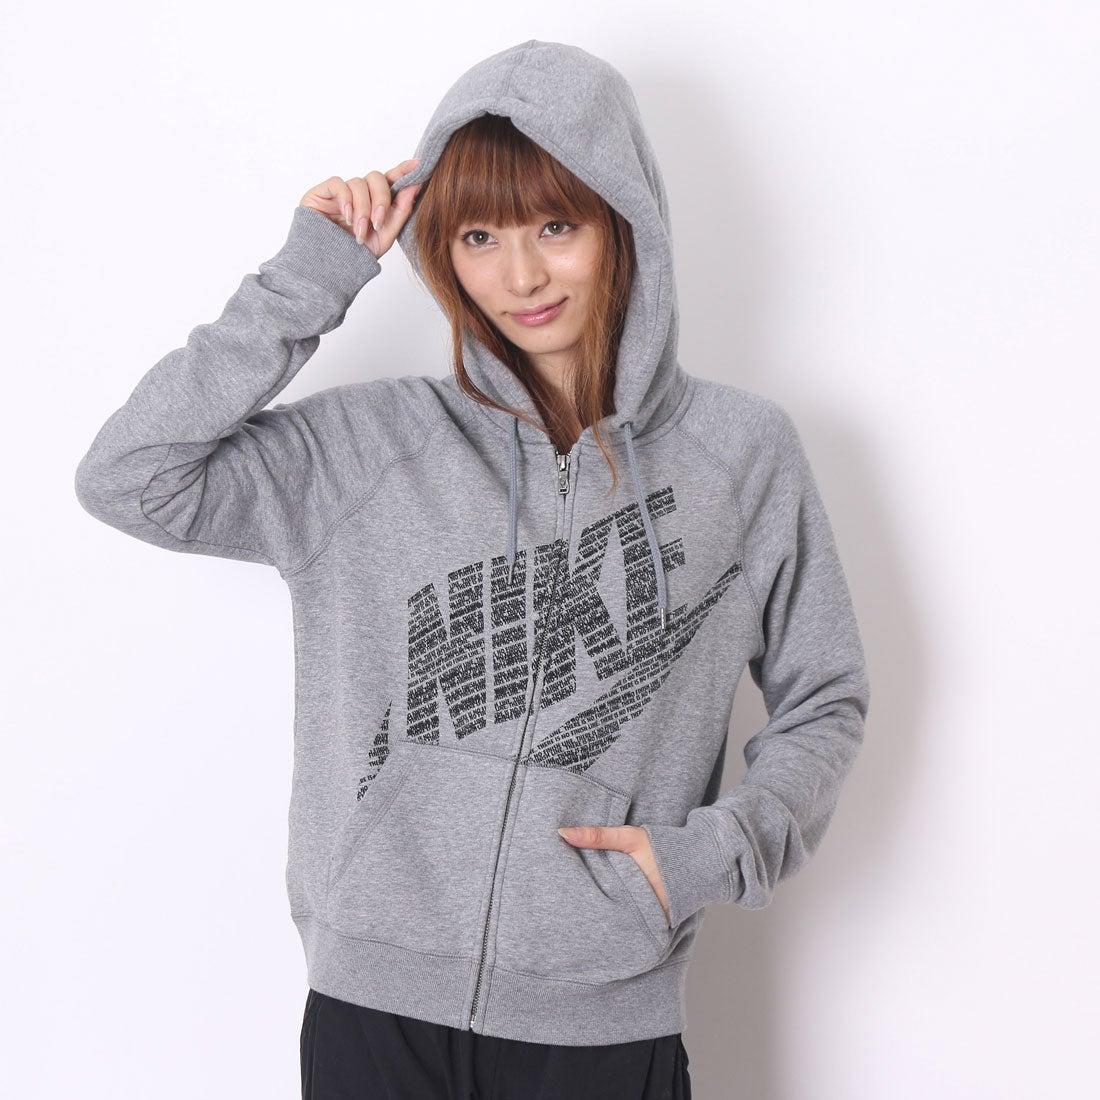 スポーツ用品販売日本最大手「アルペングループ」の公式サイト